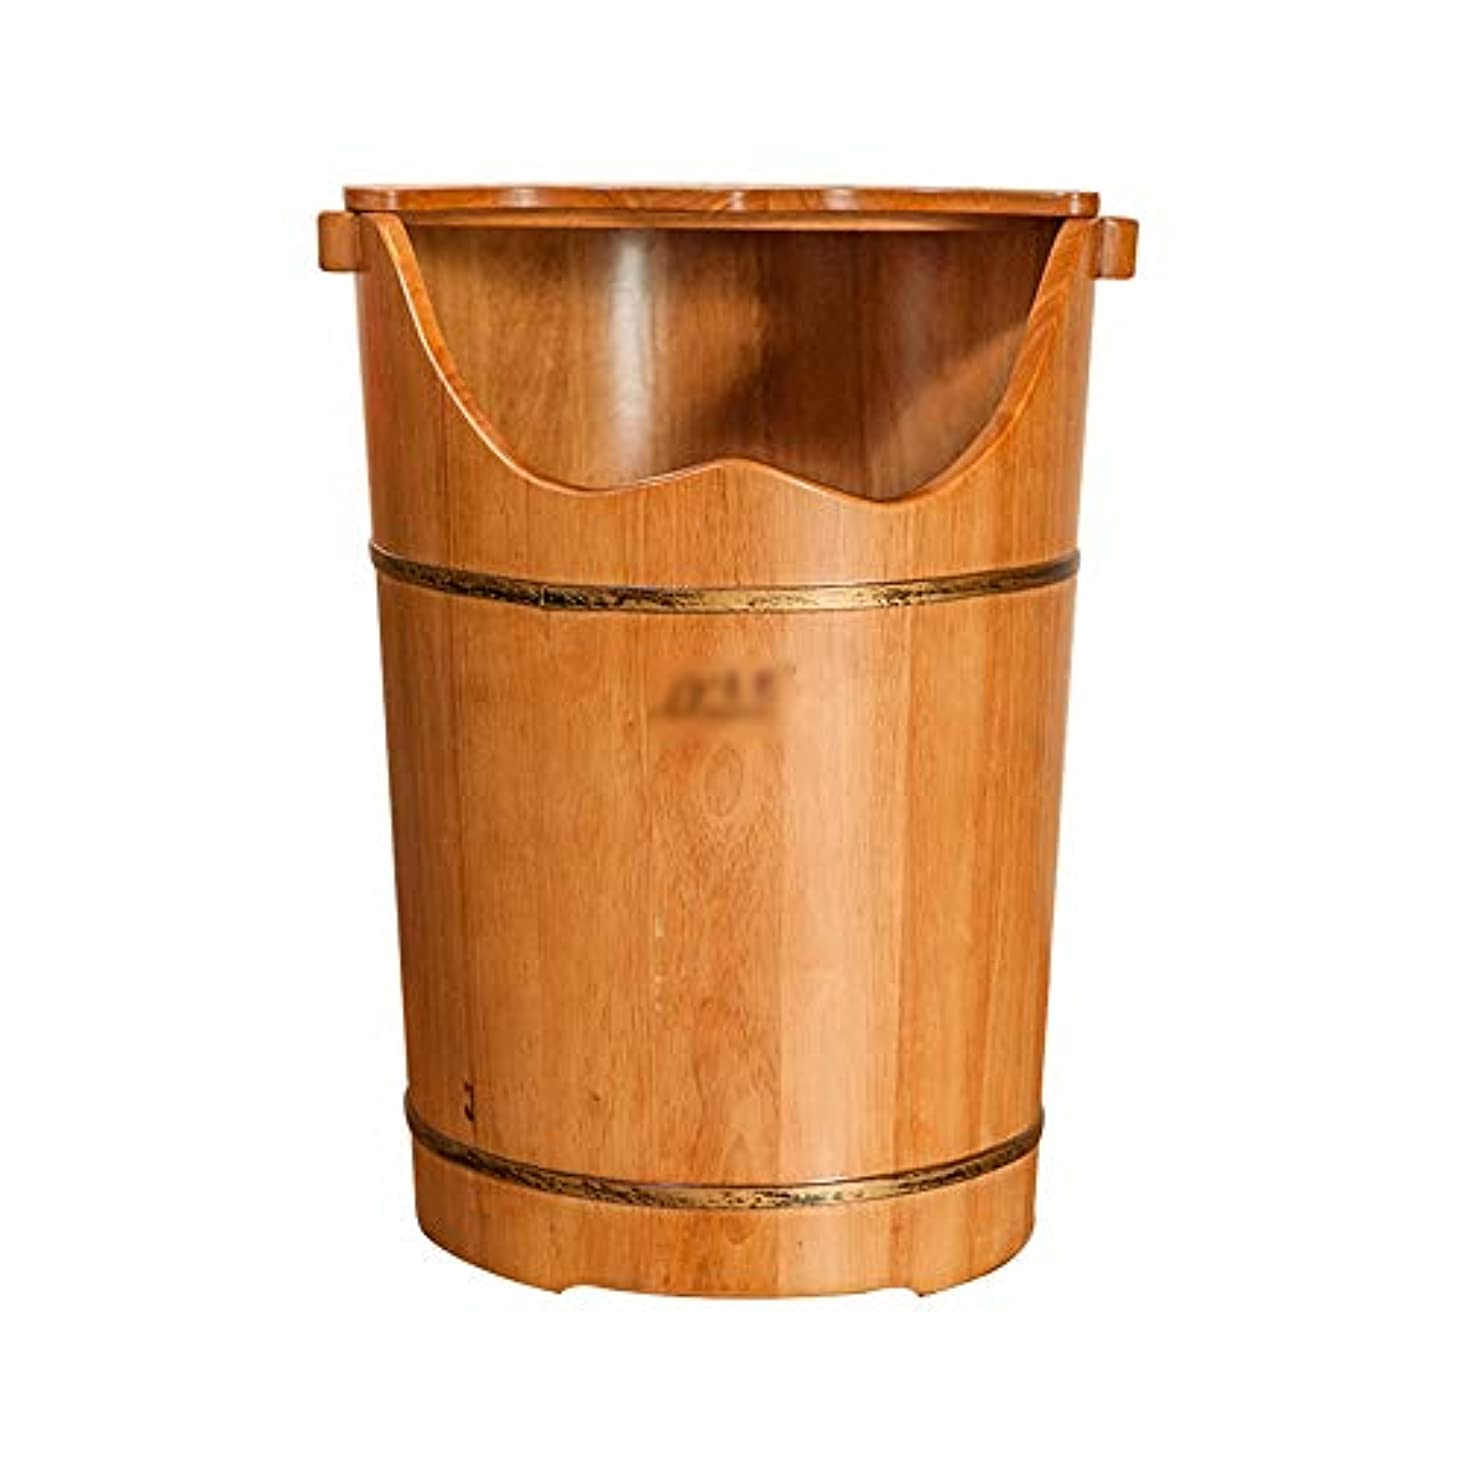 皮肉ペダル断線LJHA 木製フットバス用バケツ - フタフットマッサージ洗面器で60cm / 23.6インチの高さ 足浴槽